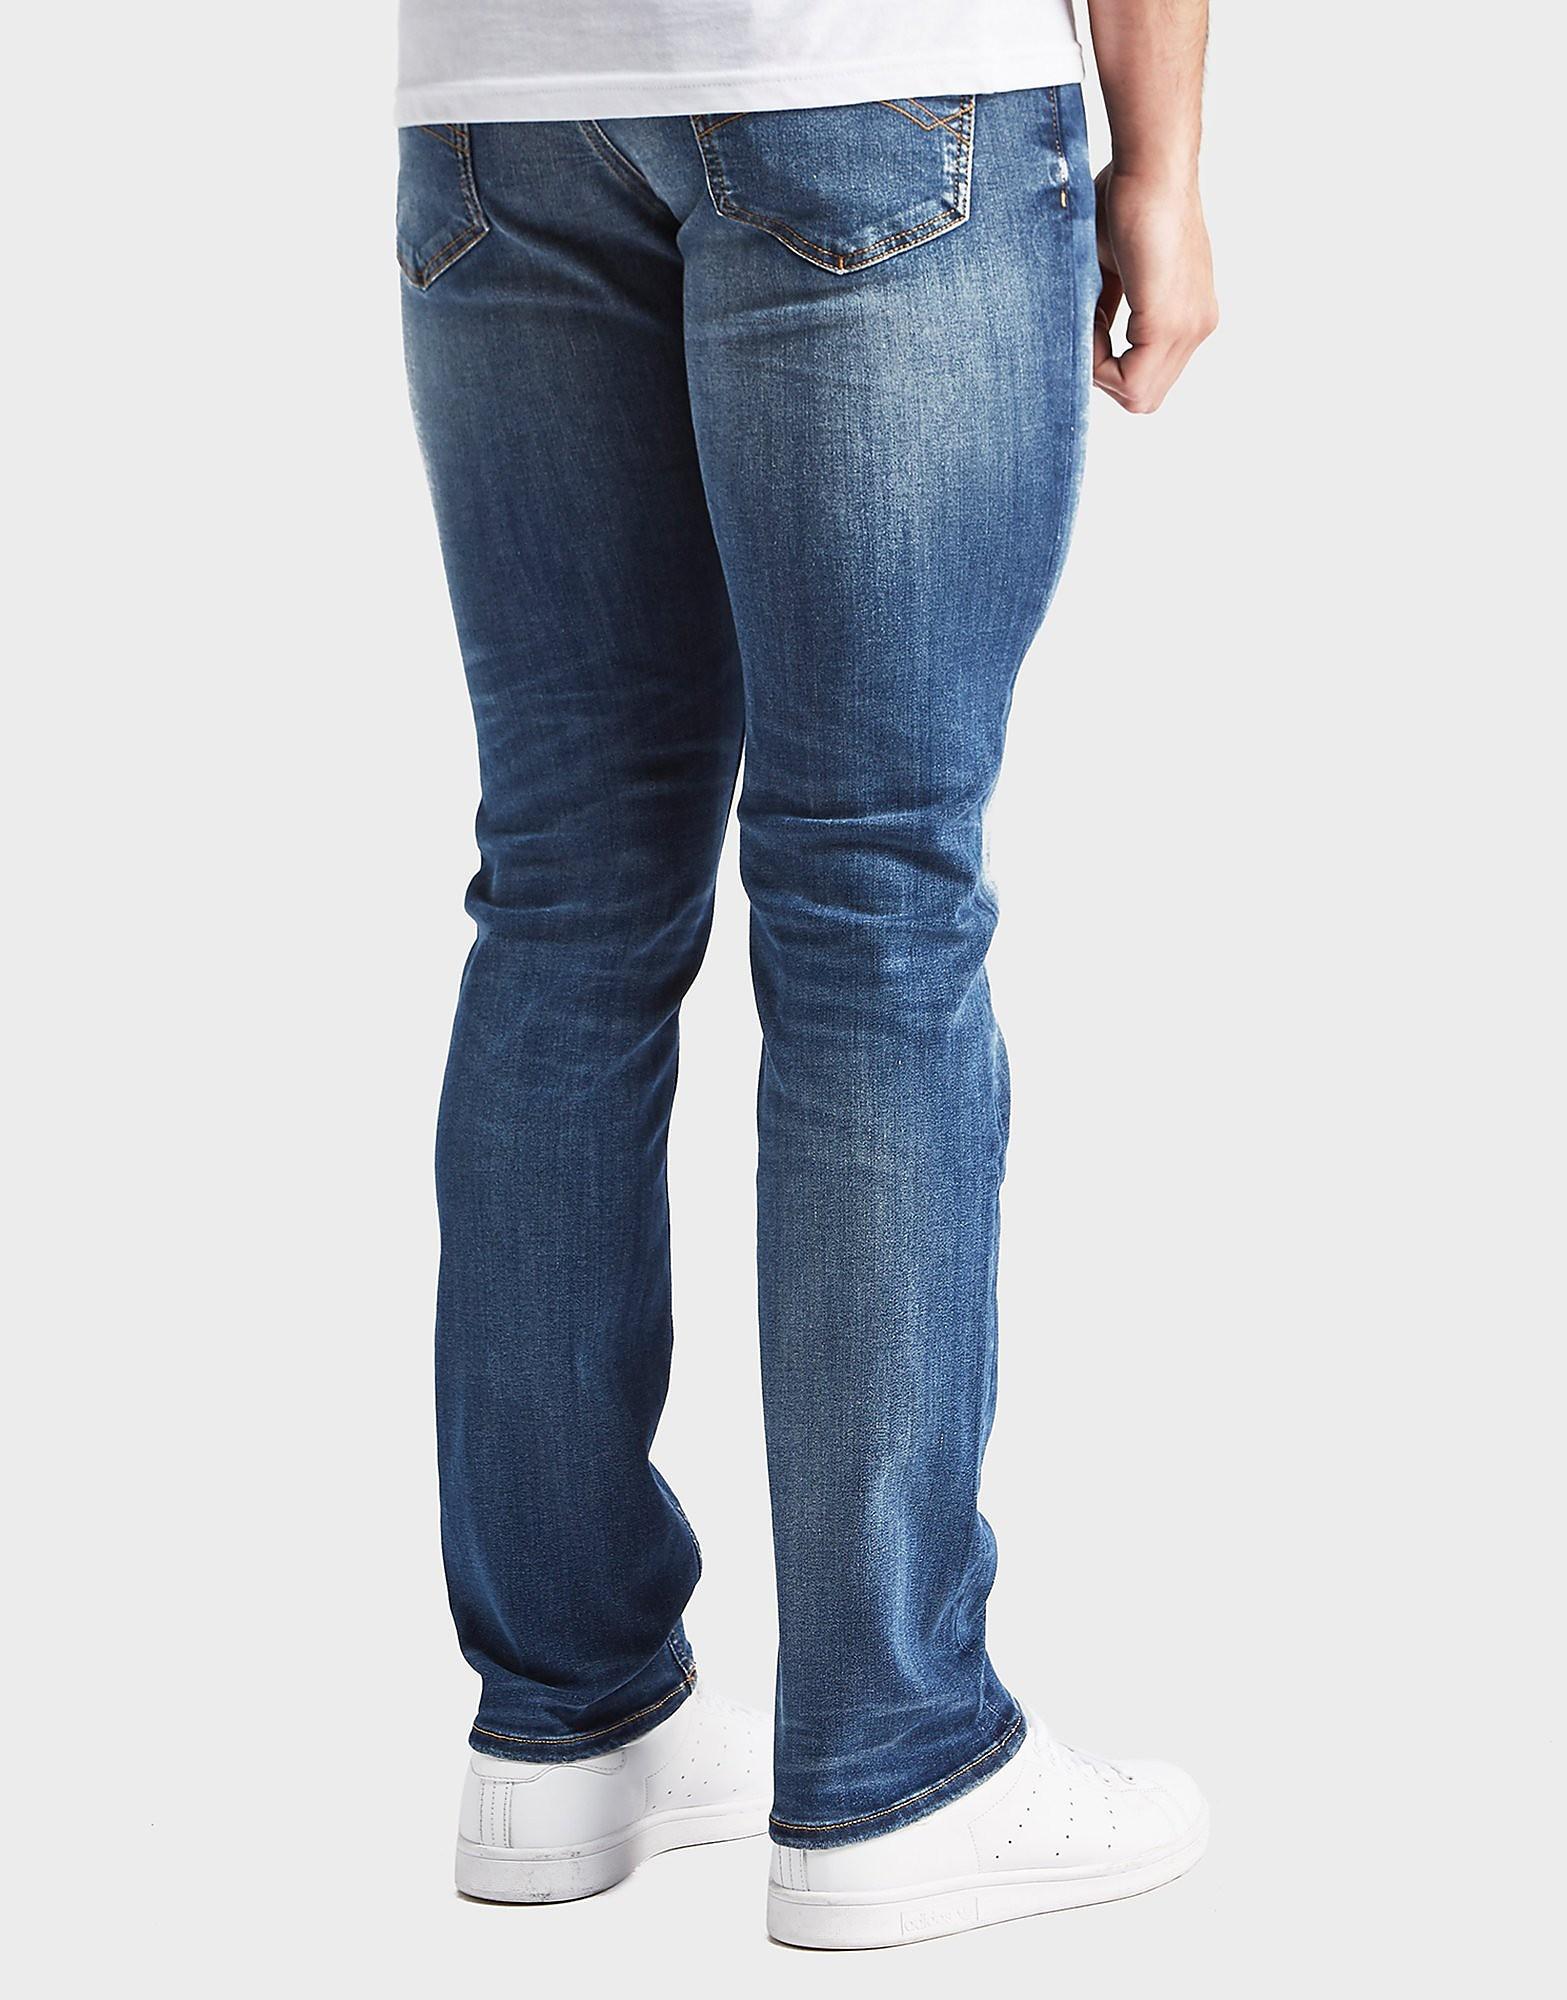 Tommy Hilfiger Scanton Slim Fit Jeans